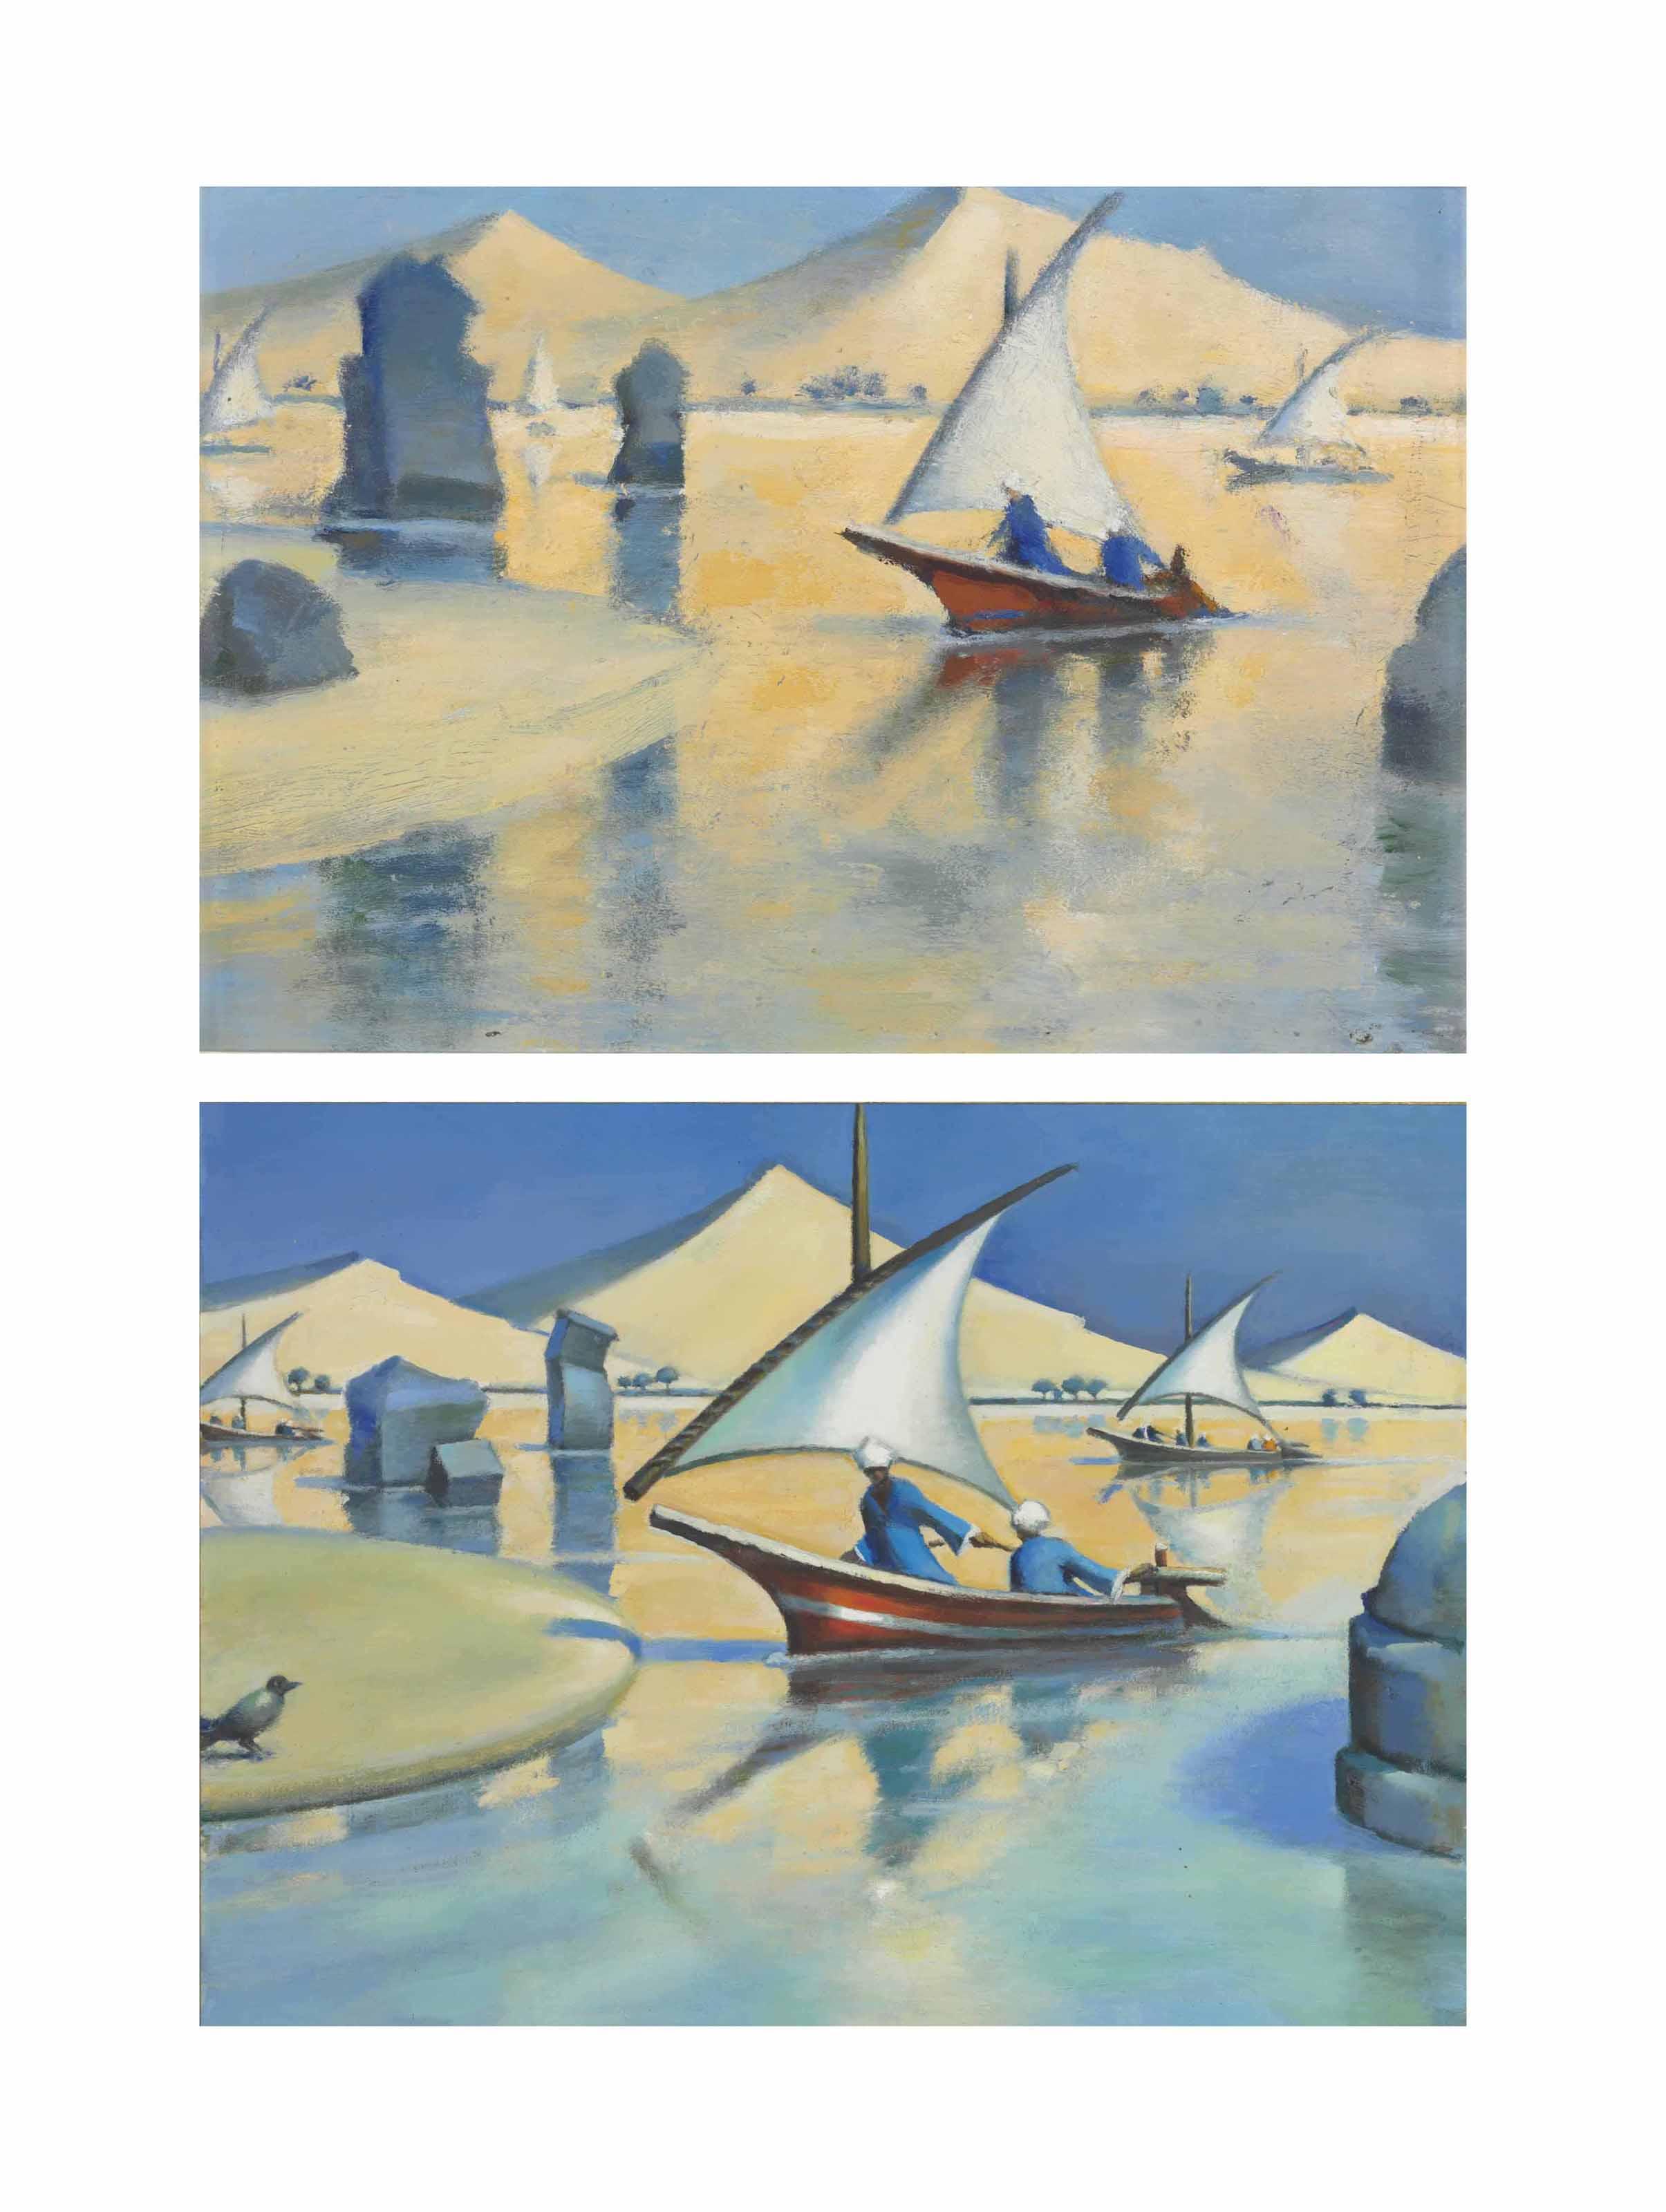 (i) Assouan – île et dunes  (ii) Assouan – île et dunes (esquisse)